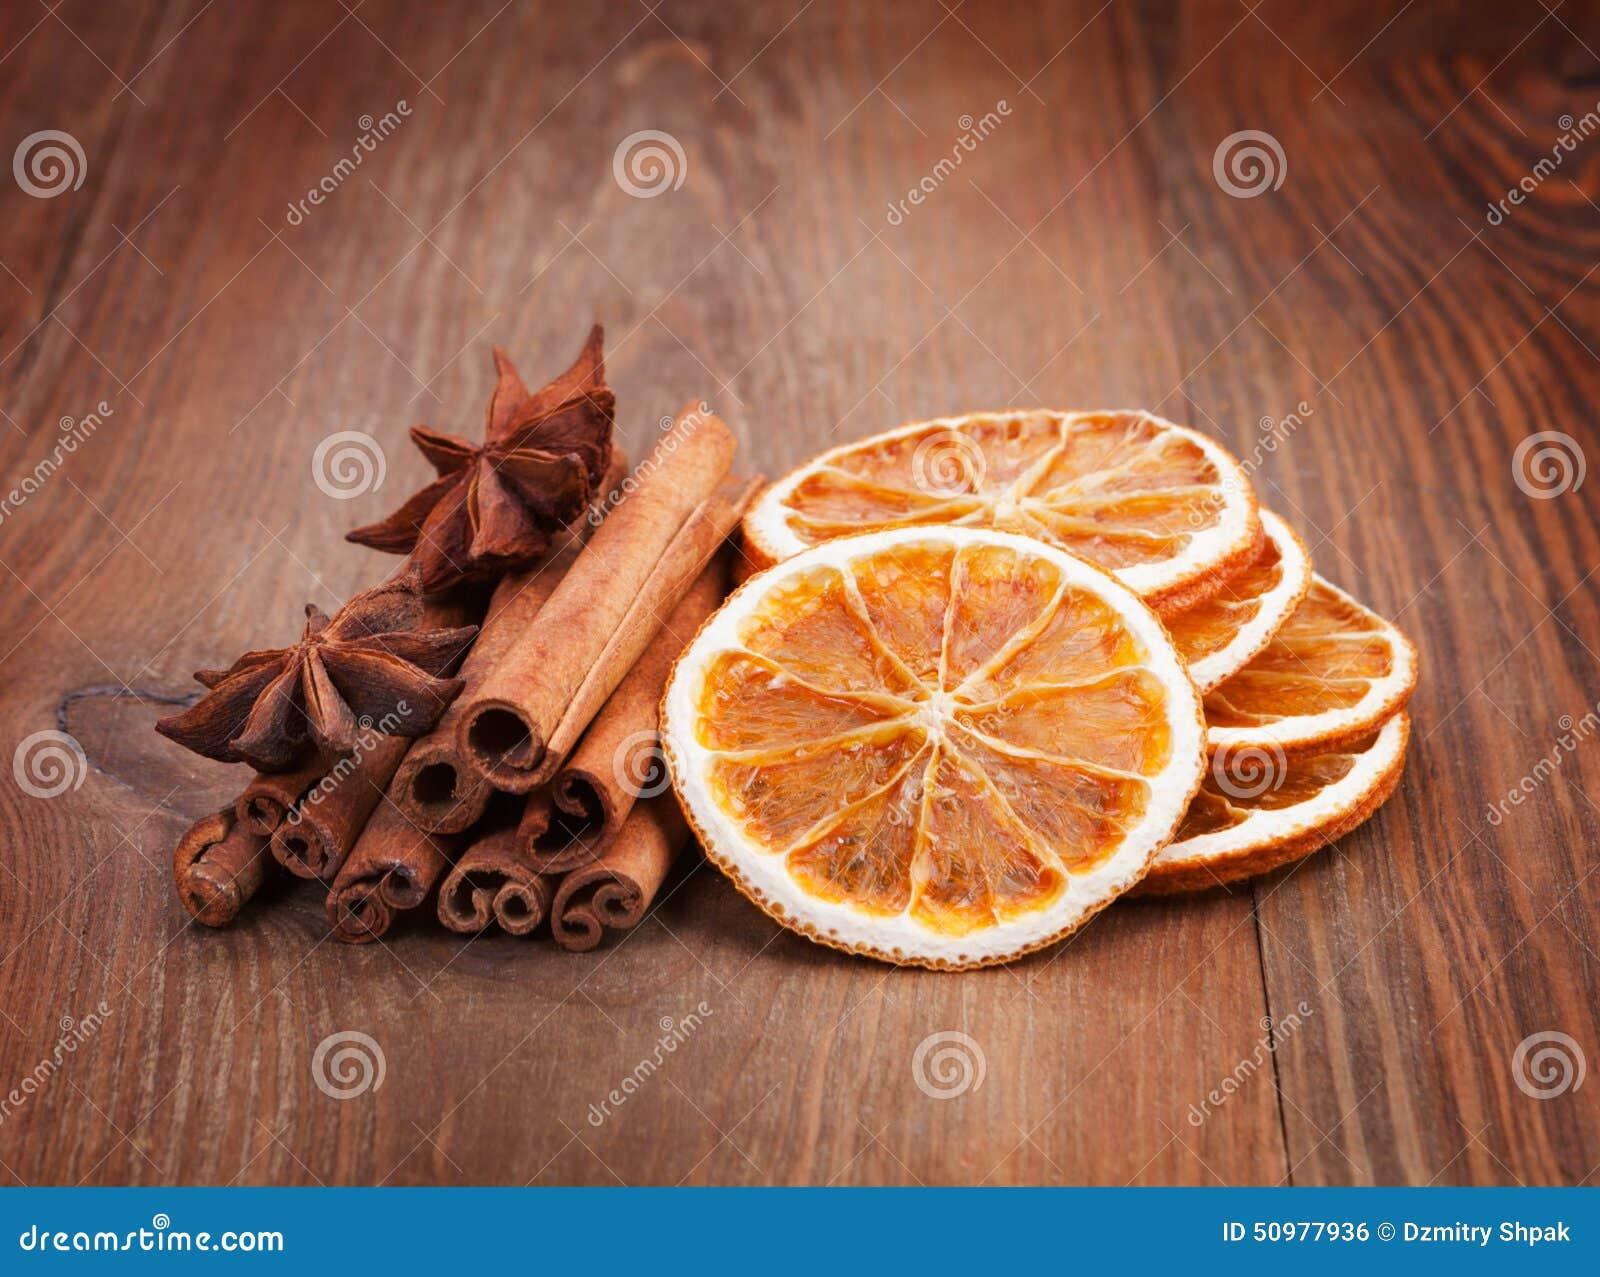 d coration de no l orange s che b tons de cannelle clous de girofle dessus photo stock. Black Bedroom Furniture Sets. Home Design Ideas